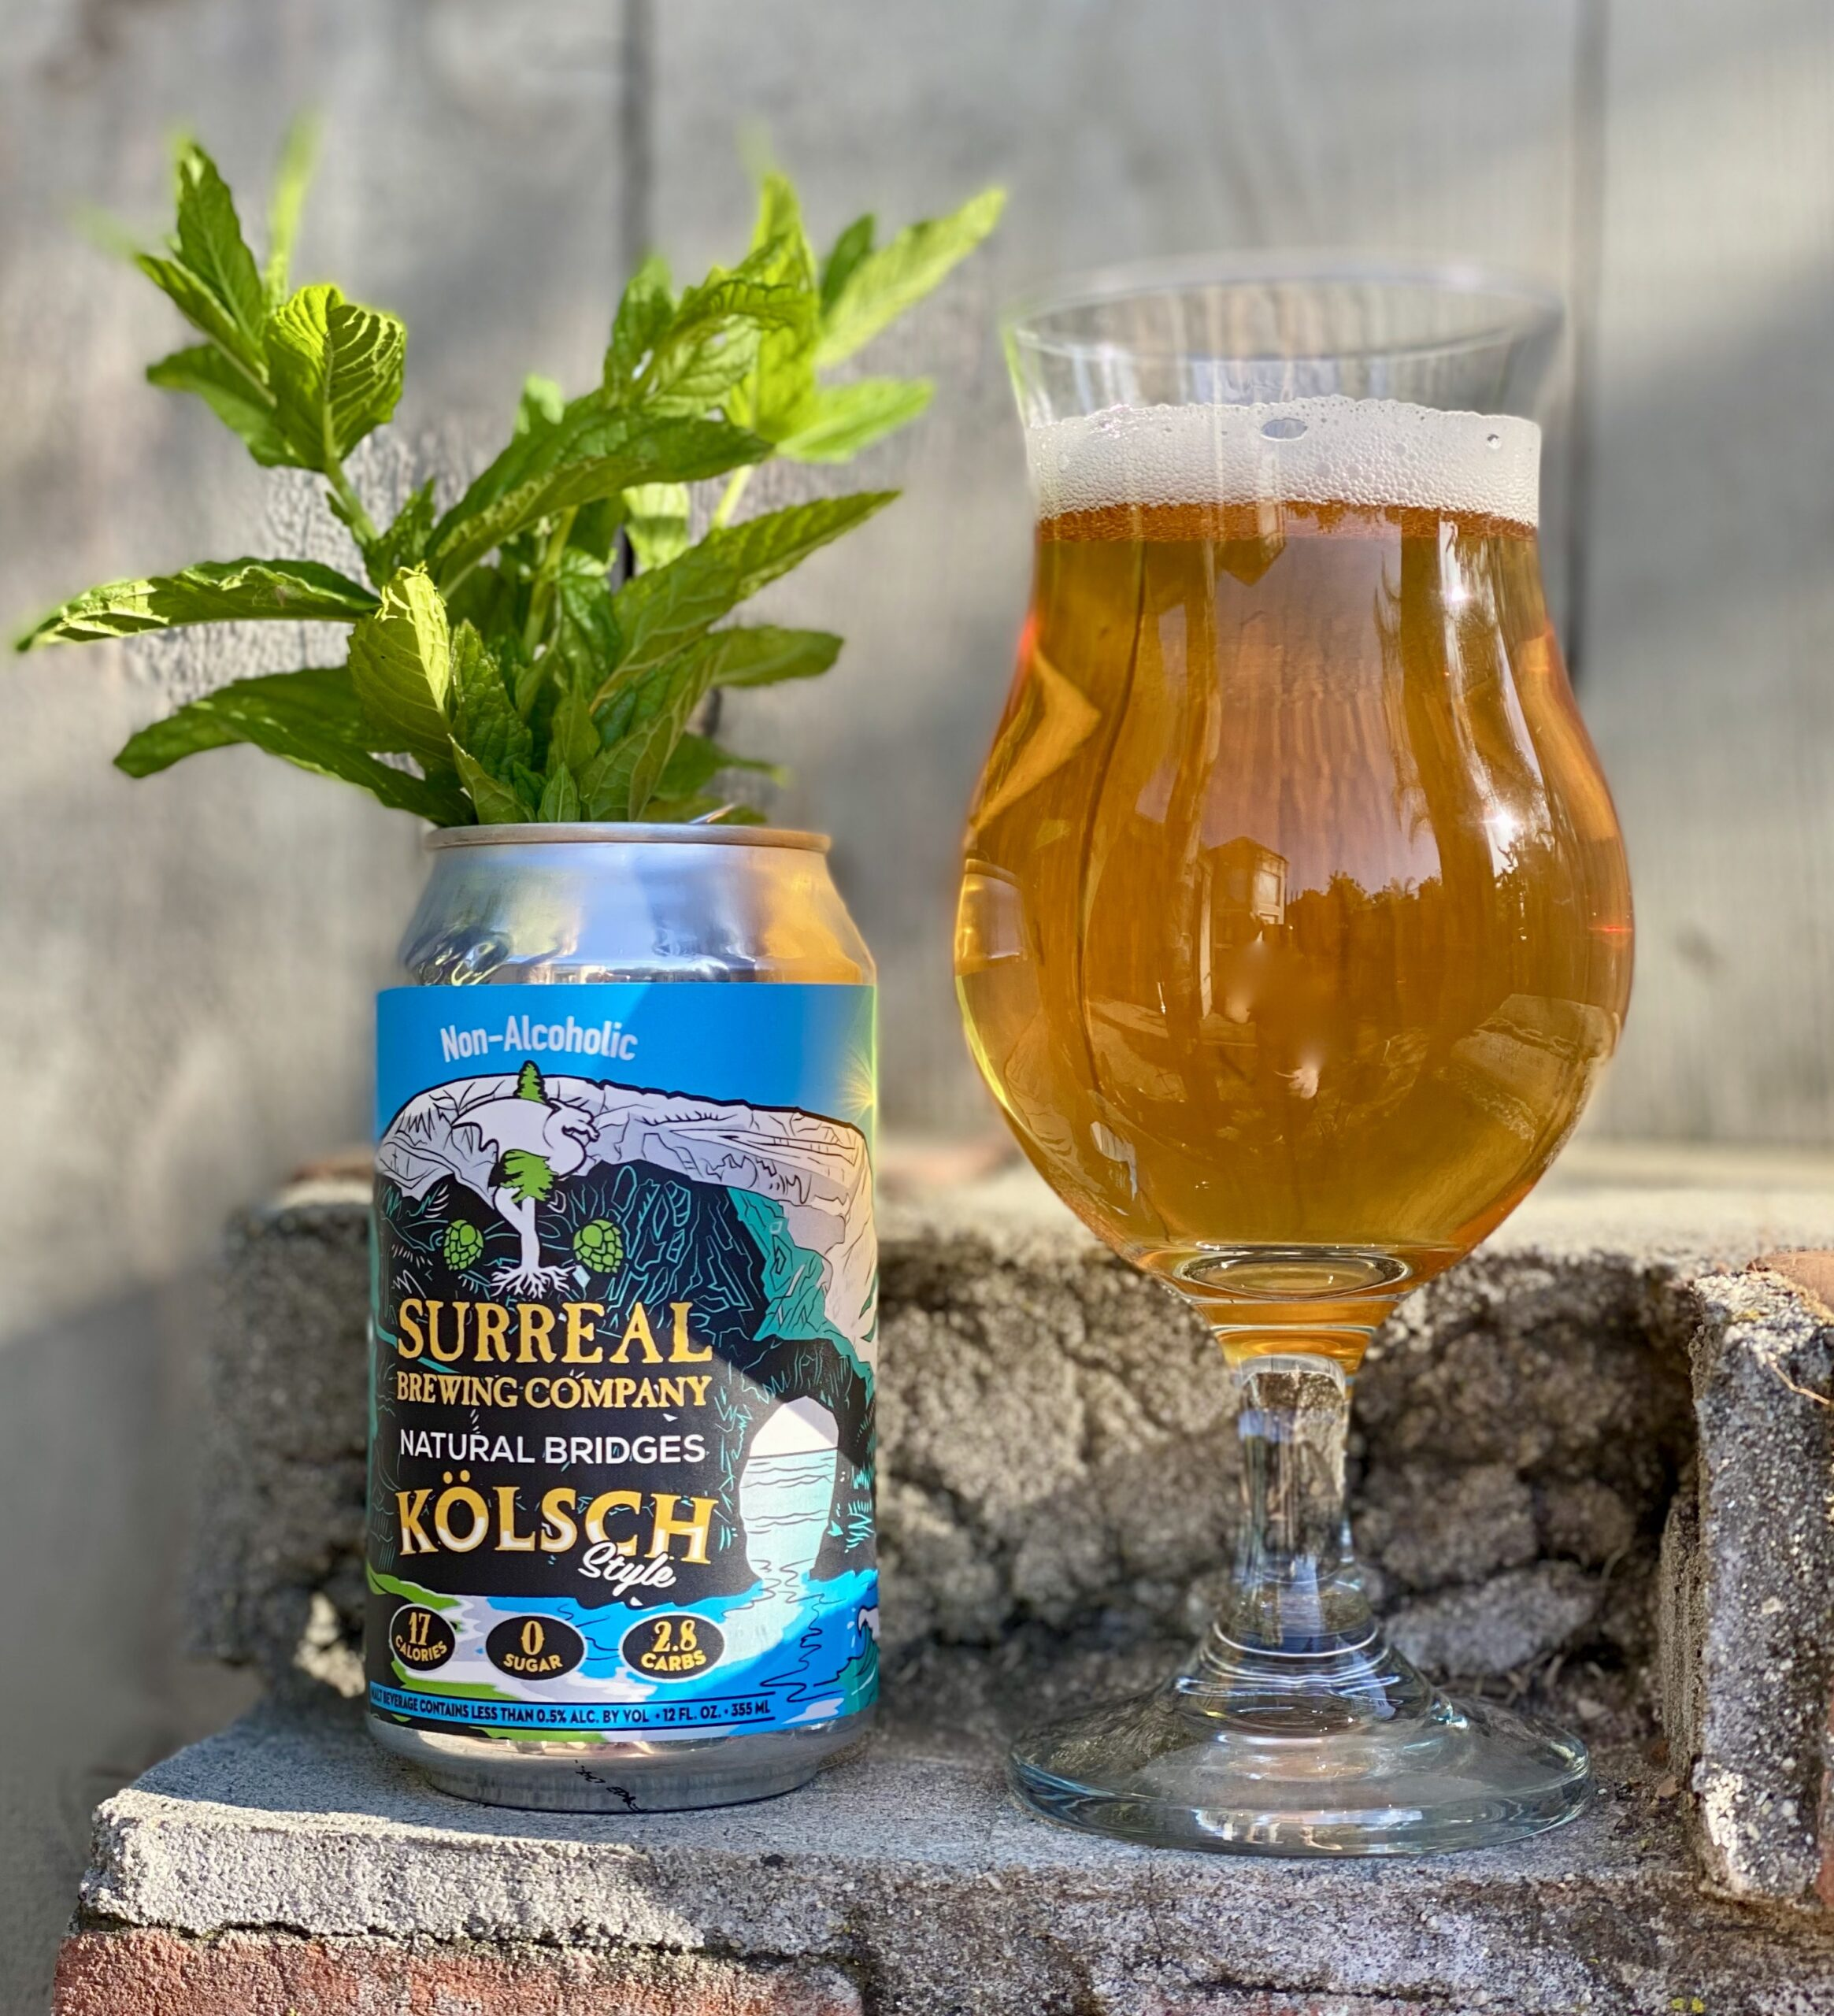 Surreal 17 Calorie Kolsch Non-Alcoholic Beer